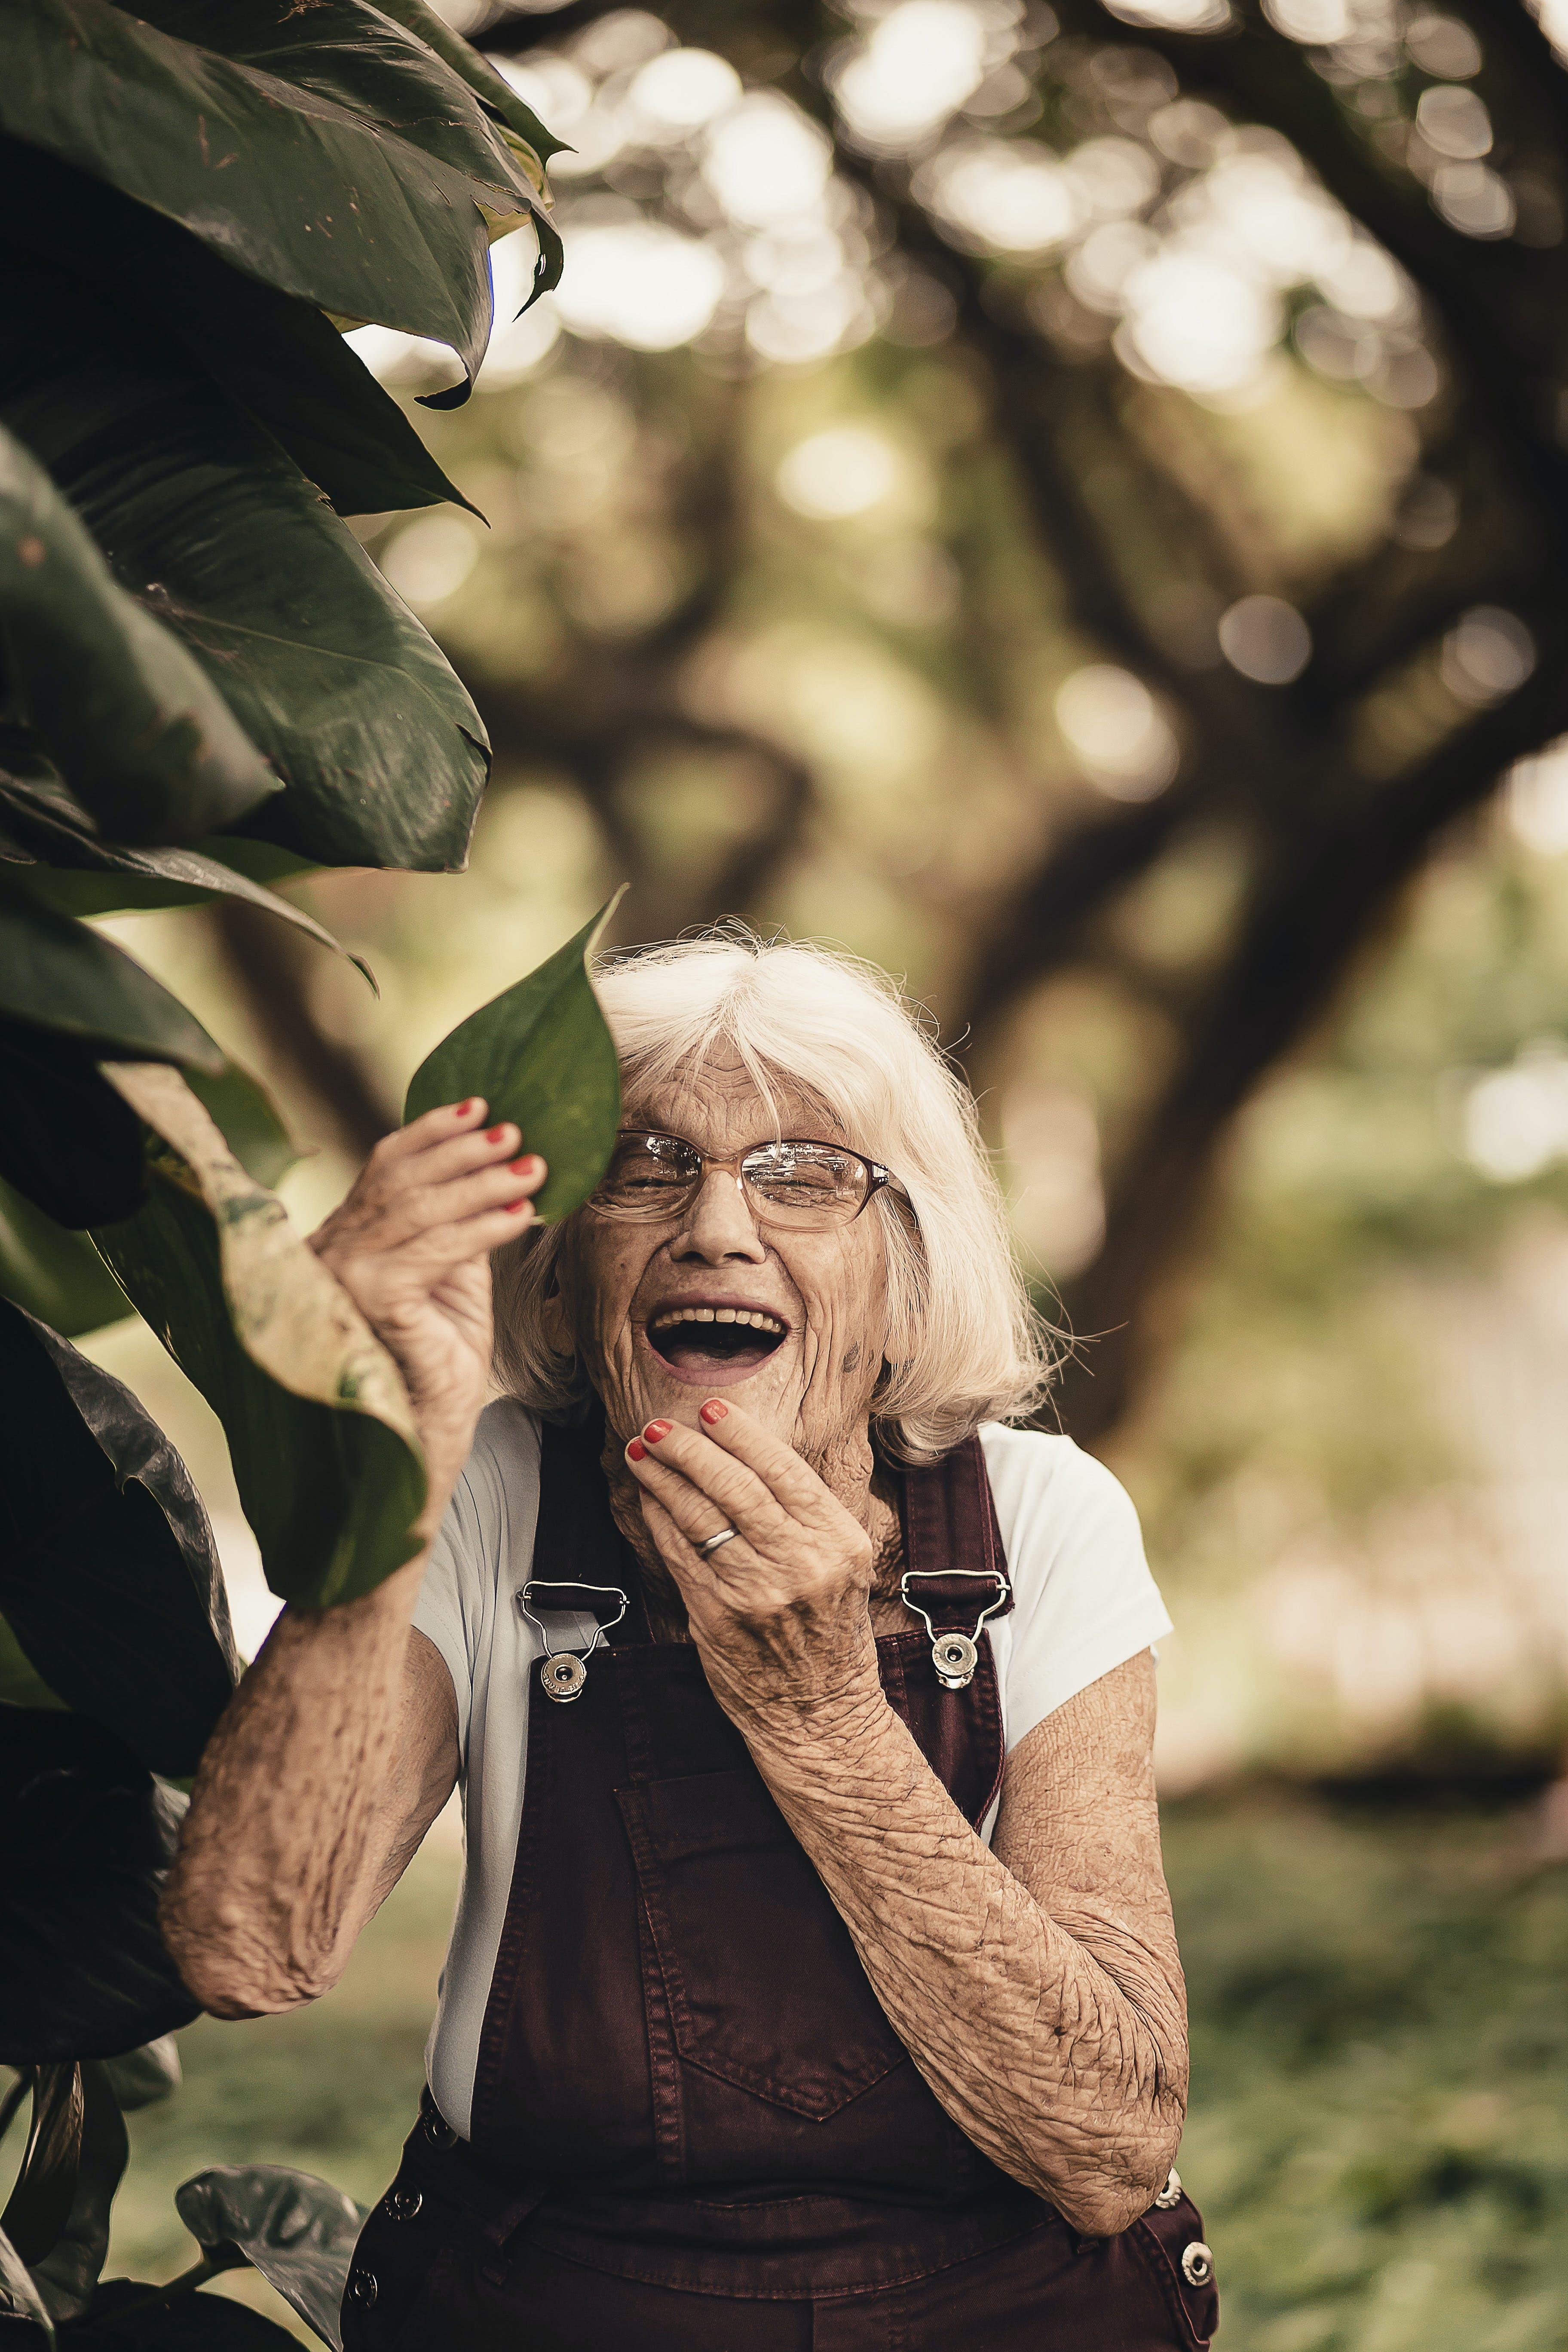 Δωρεάν στοκ φωτογραφιών με γέλιο, γέρος, γλυκούλι, γυαλιά